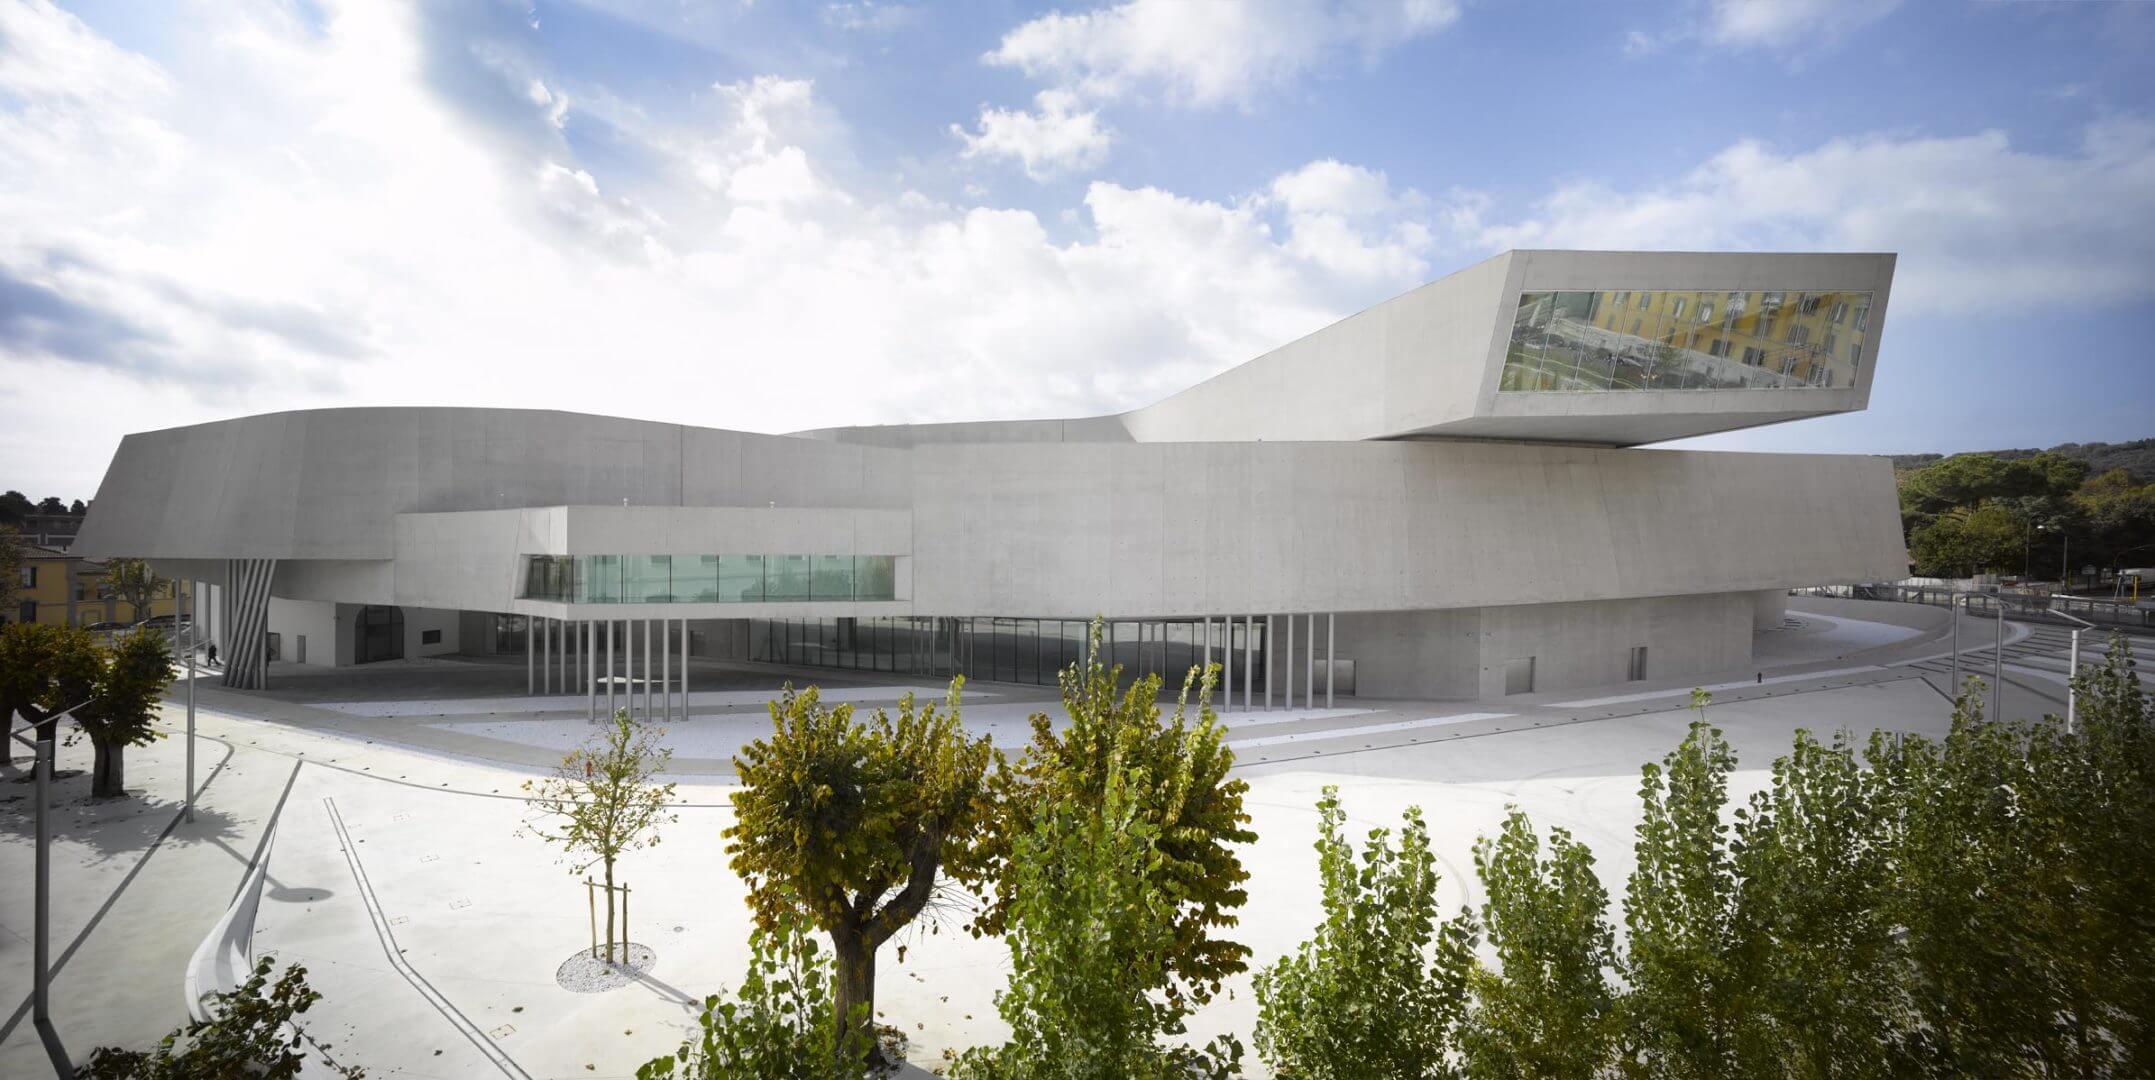 MAXXI Ulusal 21. Yüzyıl Sanatları Müzesi